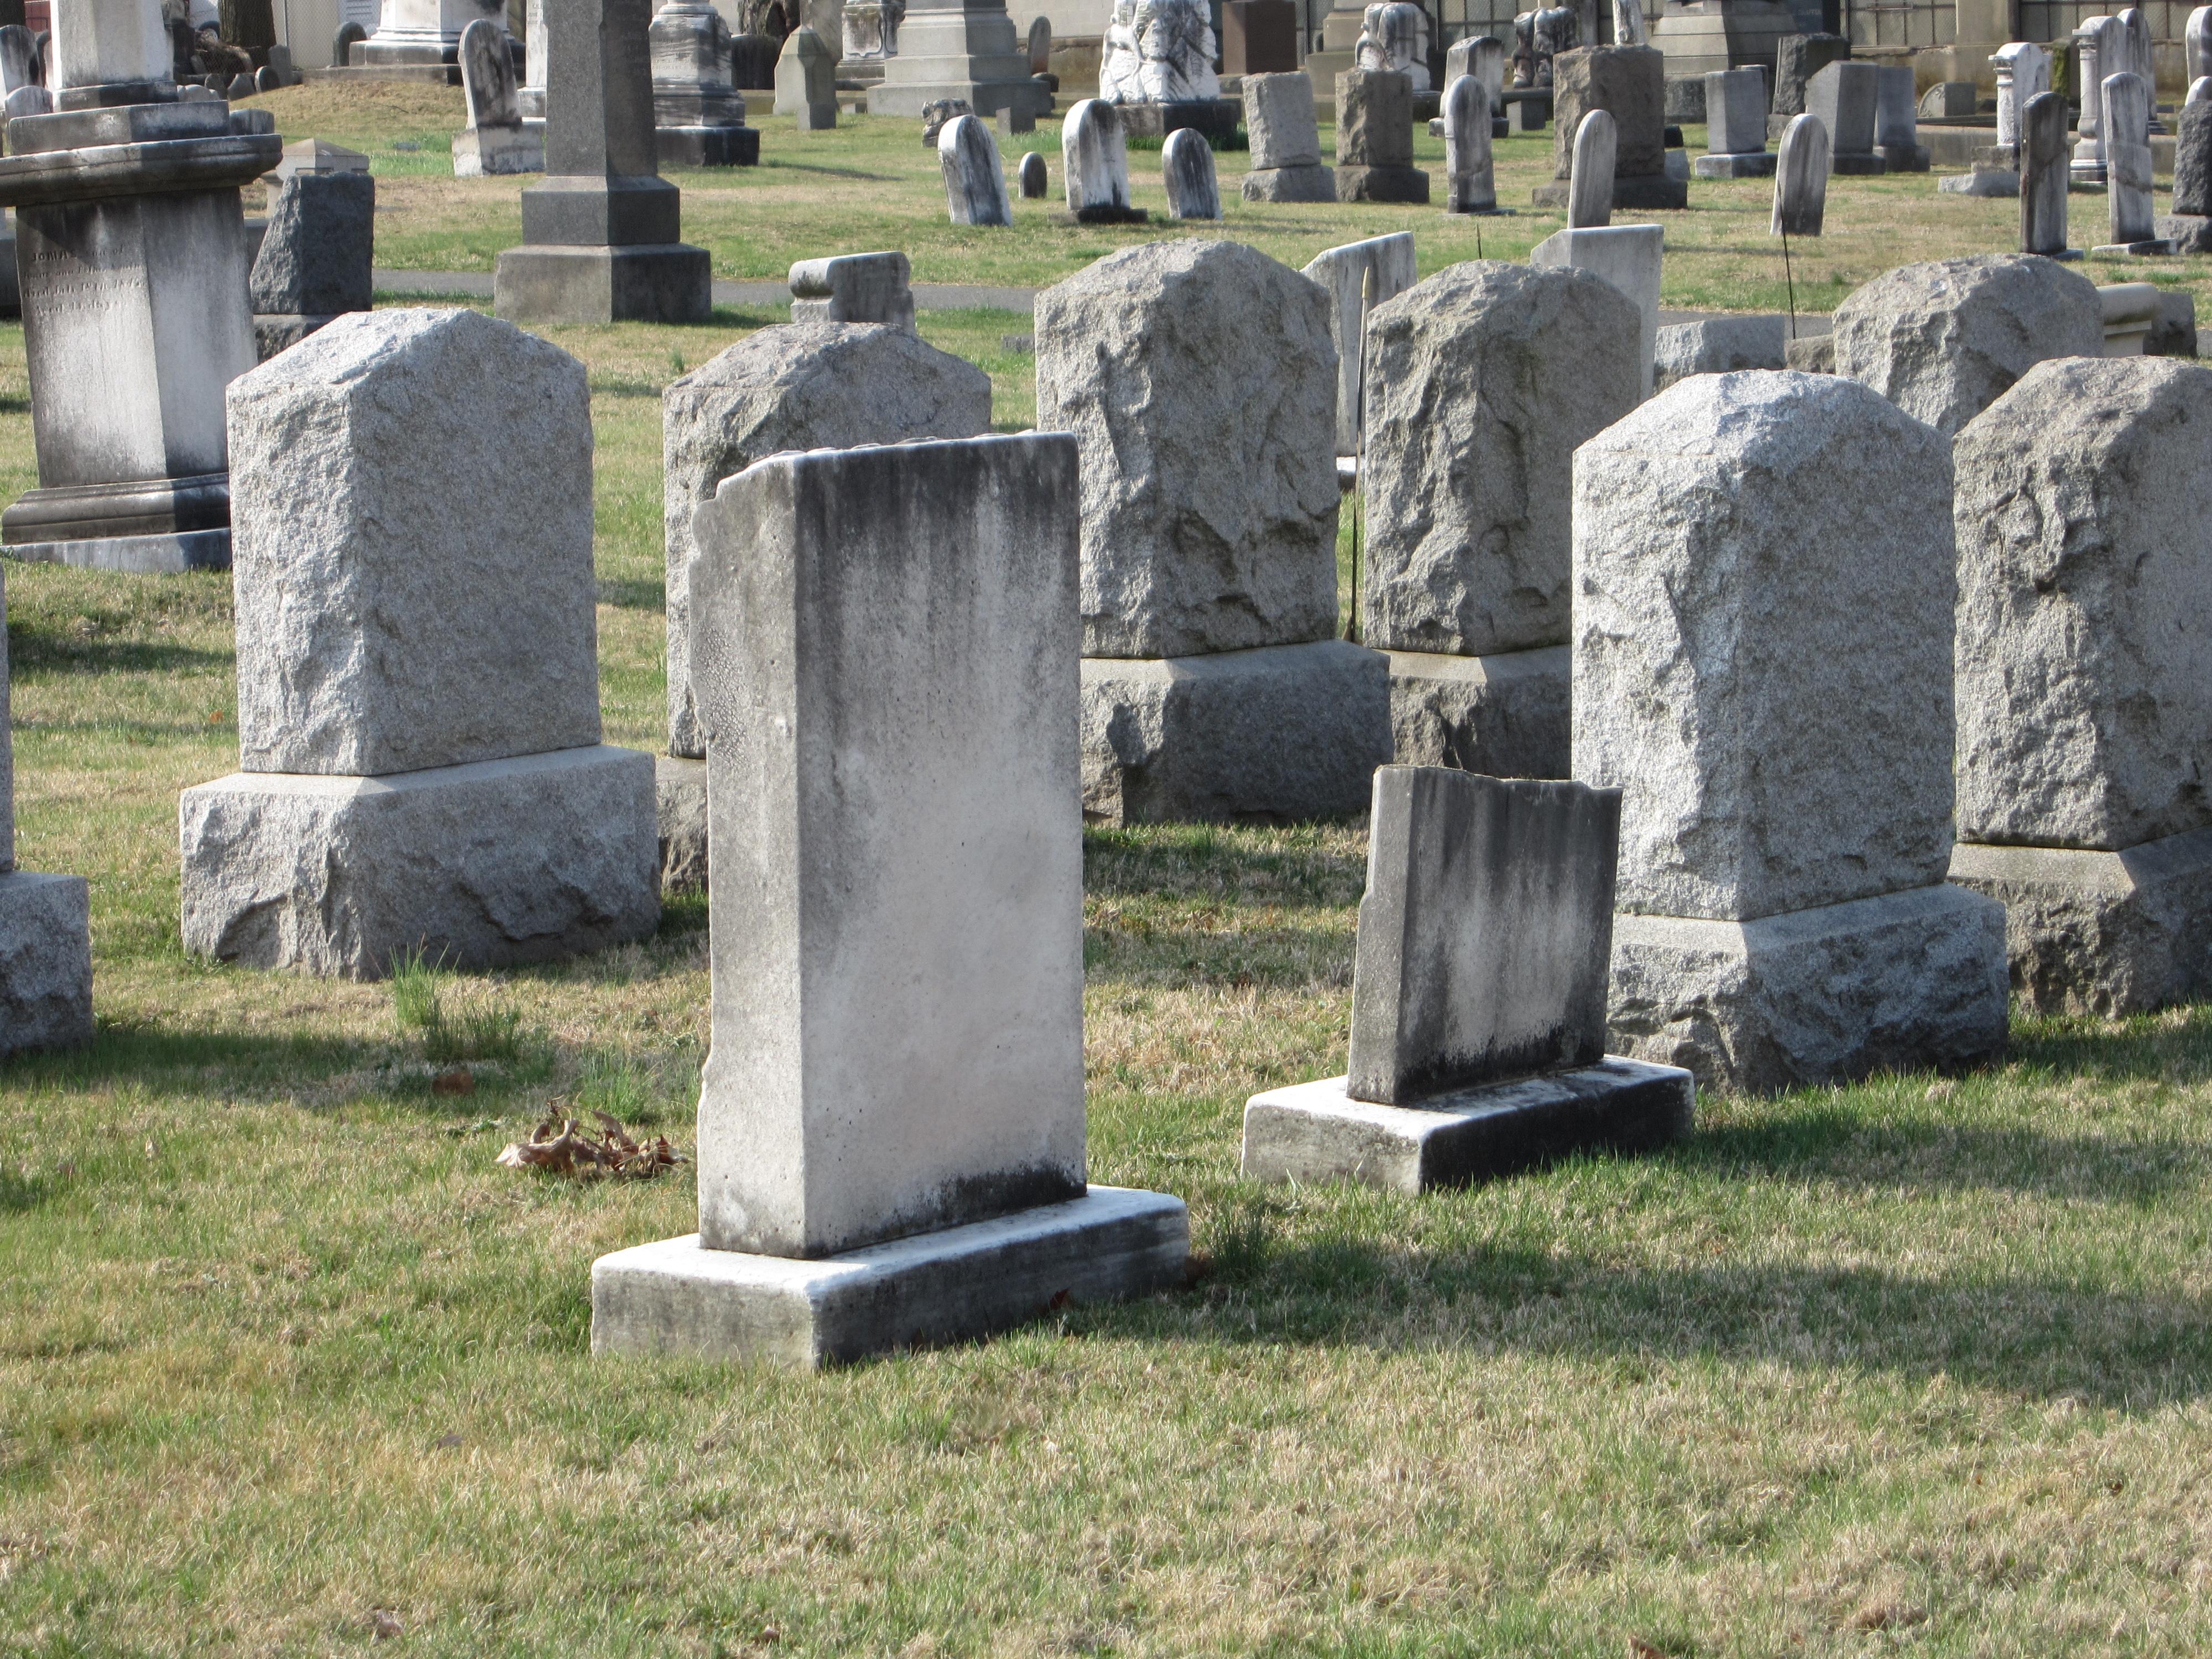 墓場は死者が埋葬される場所であるが、死自体にも非常に重たいドラマが発生する